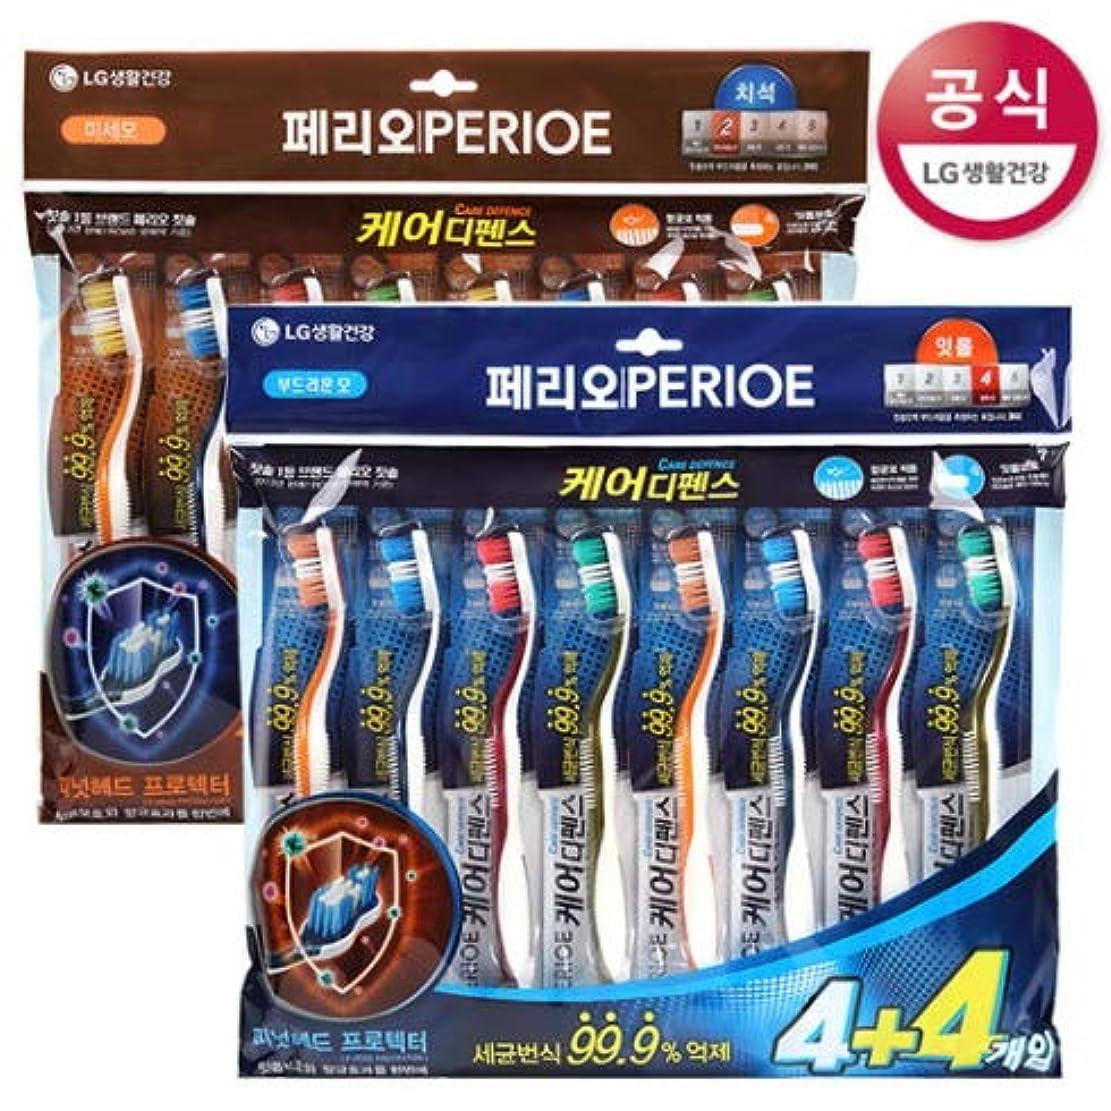 かもめ美しい裁判所[LG HnB] Perio CareDance Toothbrush/ペリオケアディフェンス歯ブラシ 8口x2個(海外直送品)